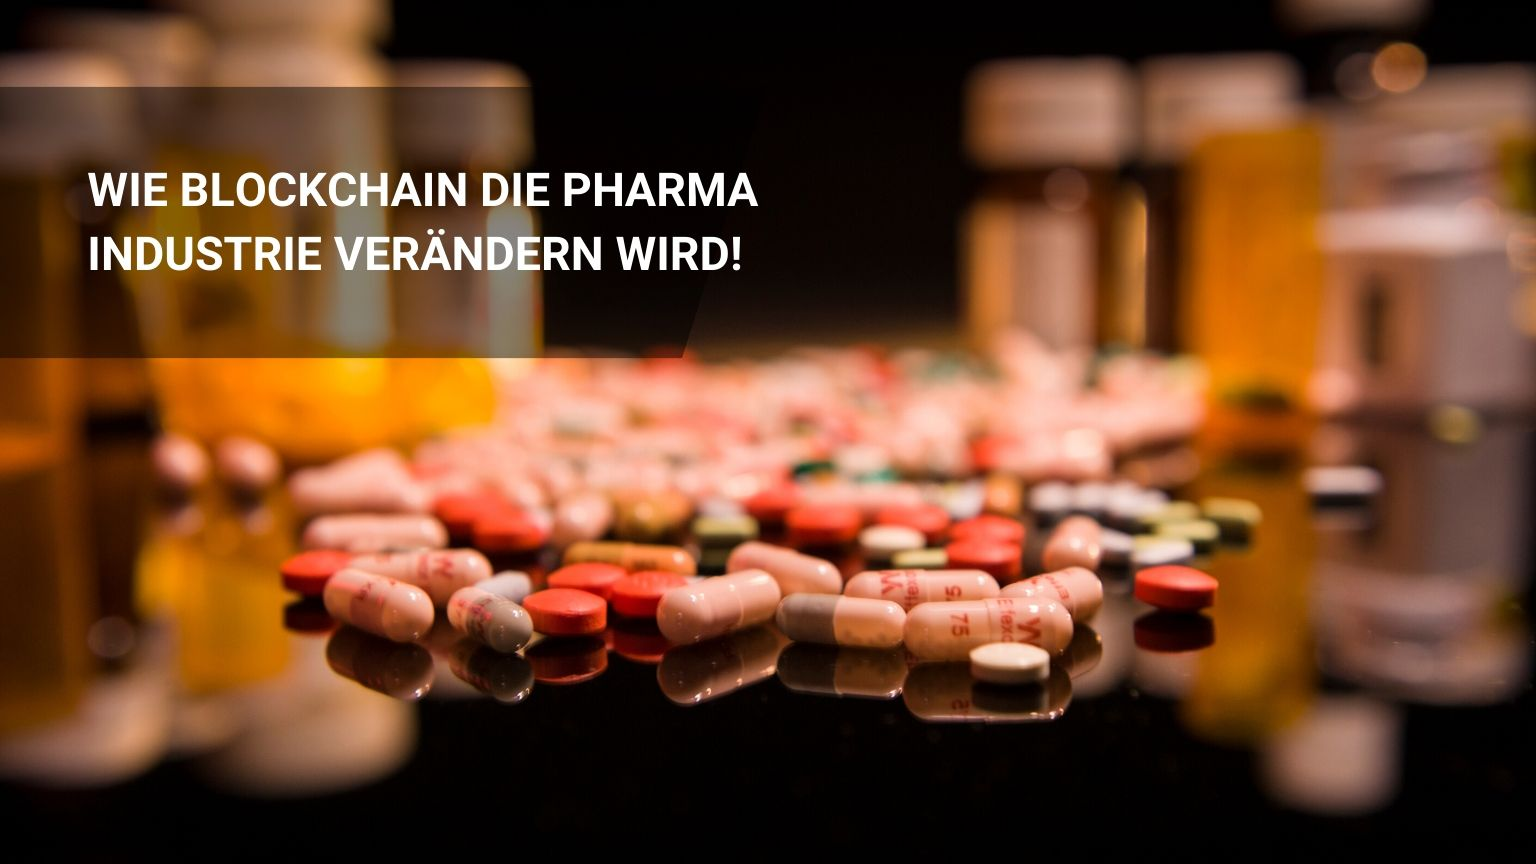 Die 4 Besten Blockchain Pharma Use Cases und Supply Chain!